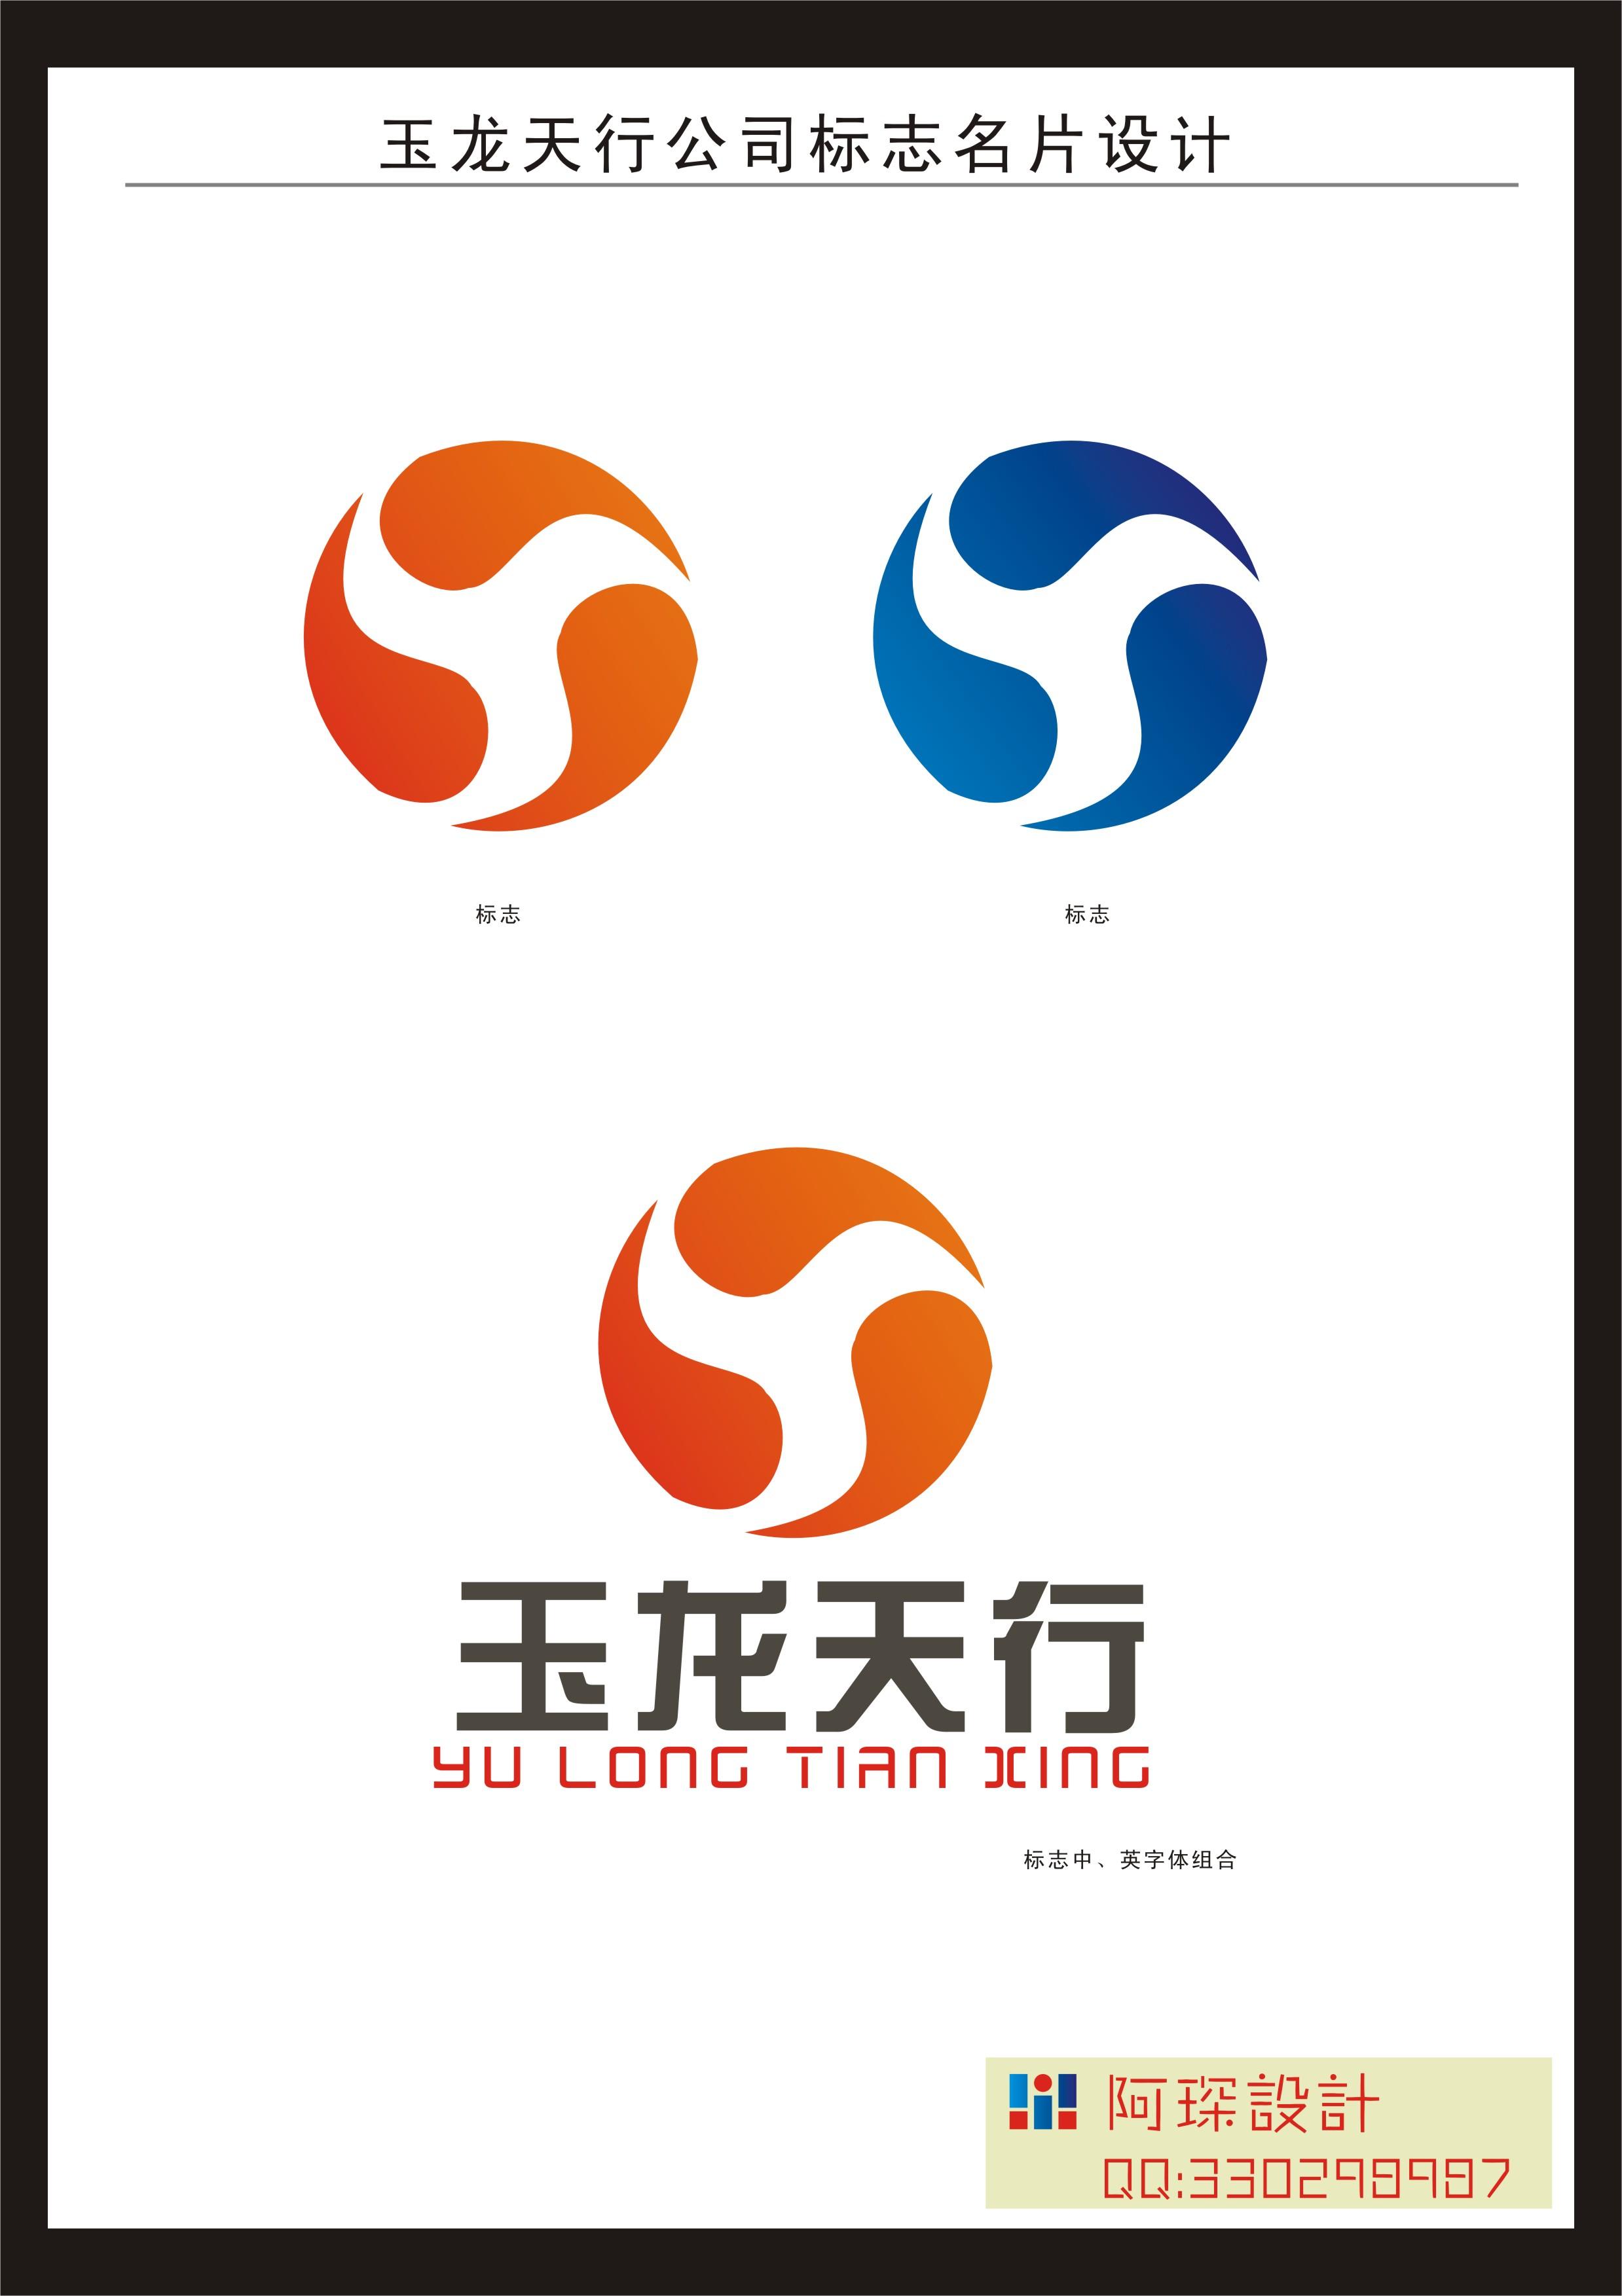 玉龙天行公司标志名片设计